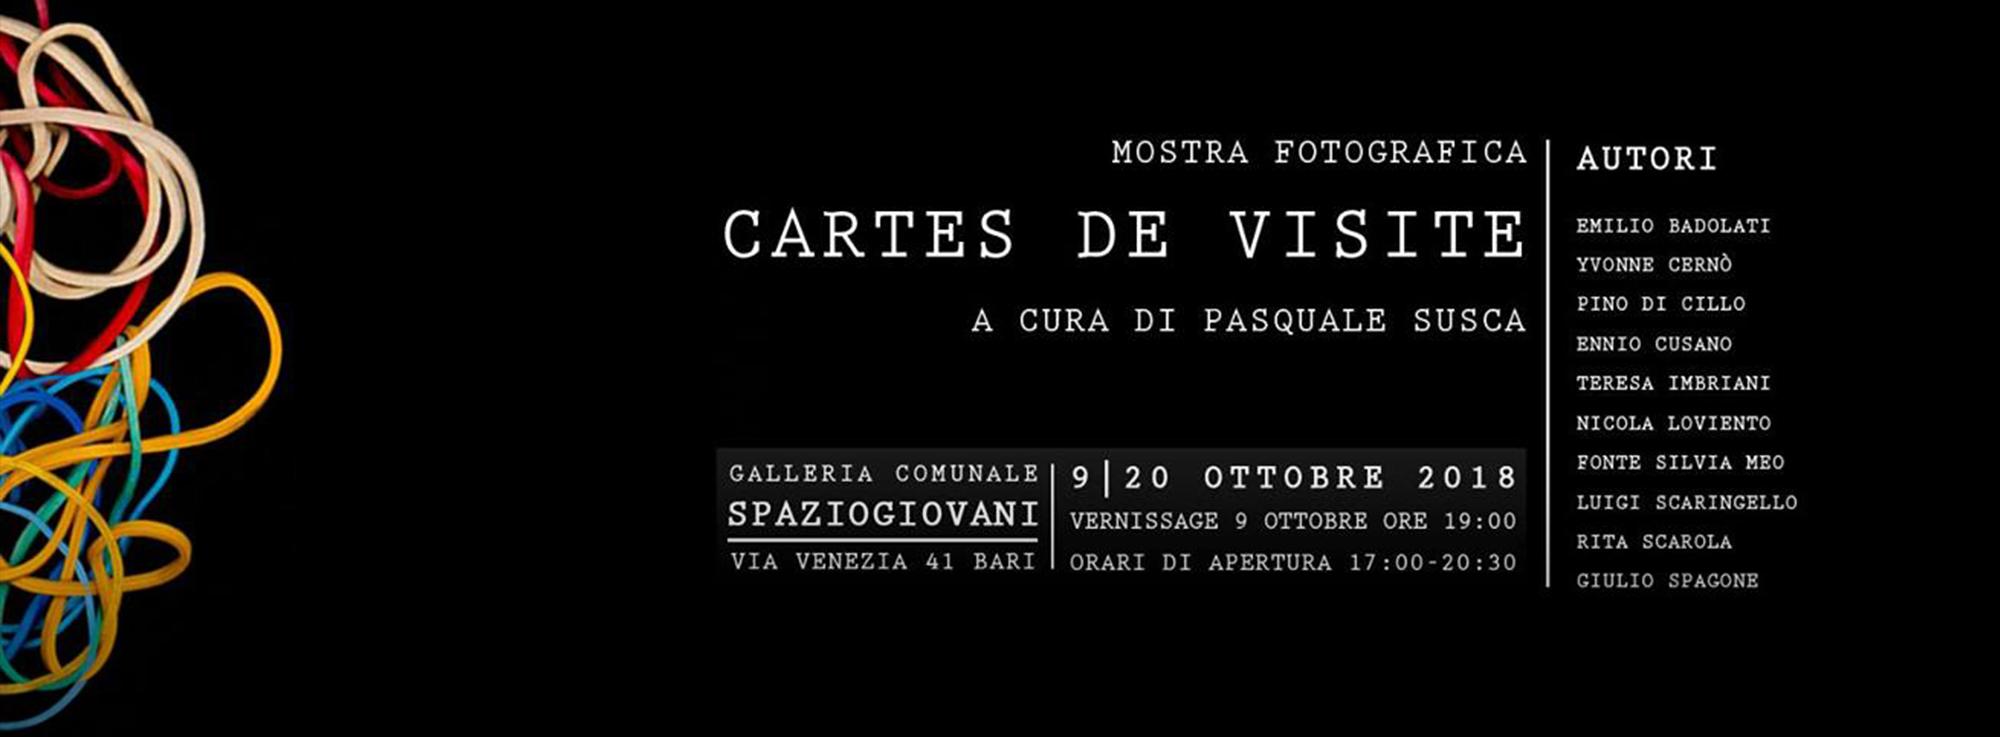 Bari: Mostra Fotografica Cartes de Visite